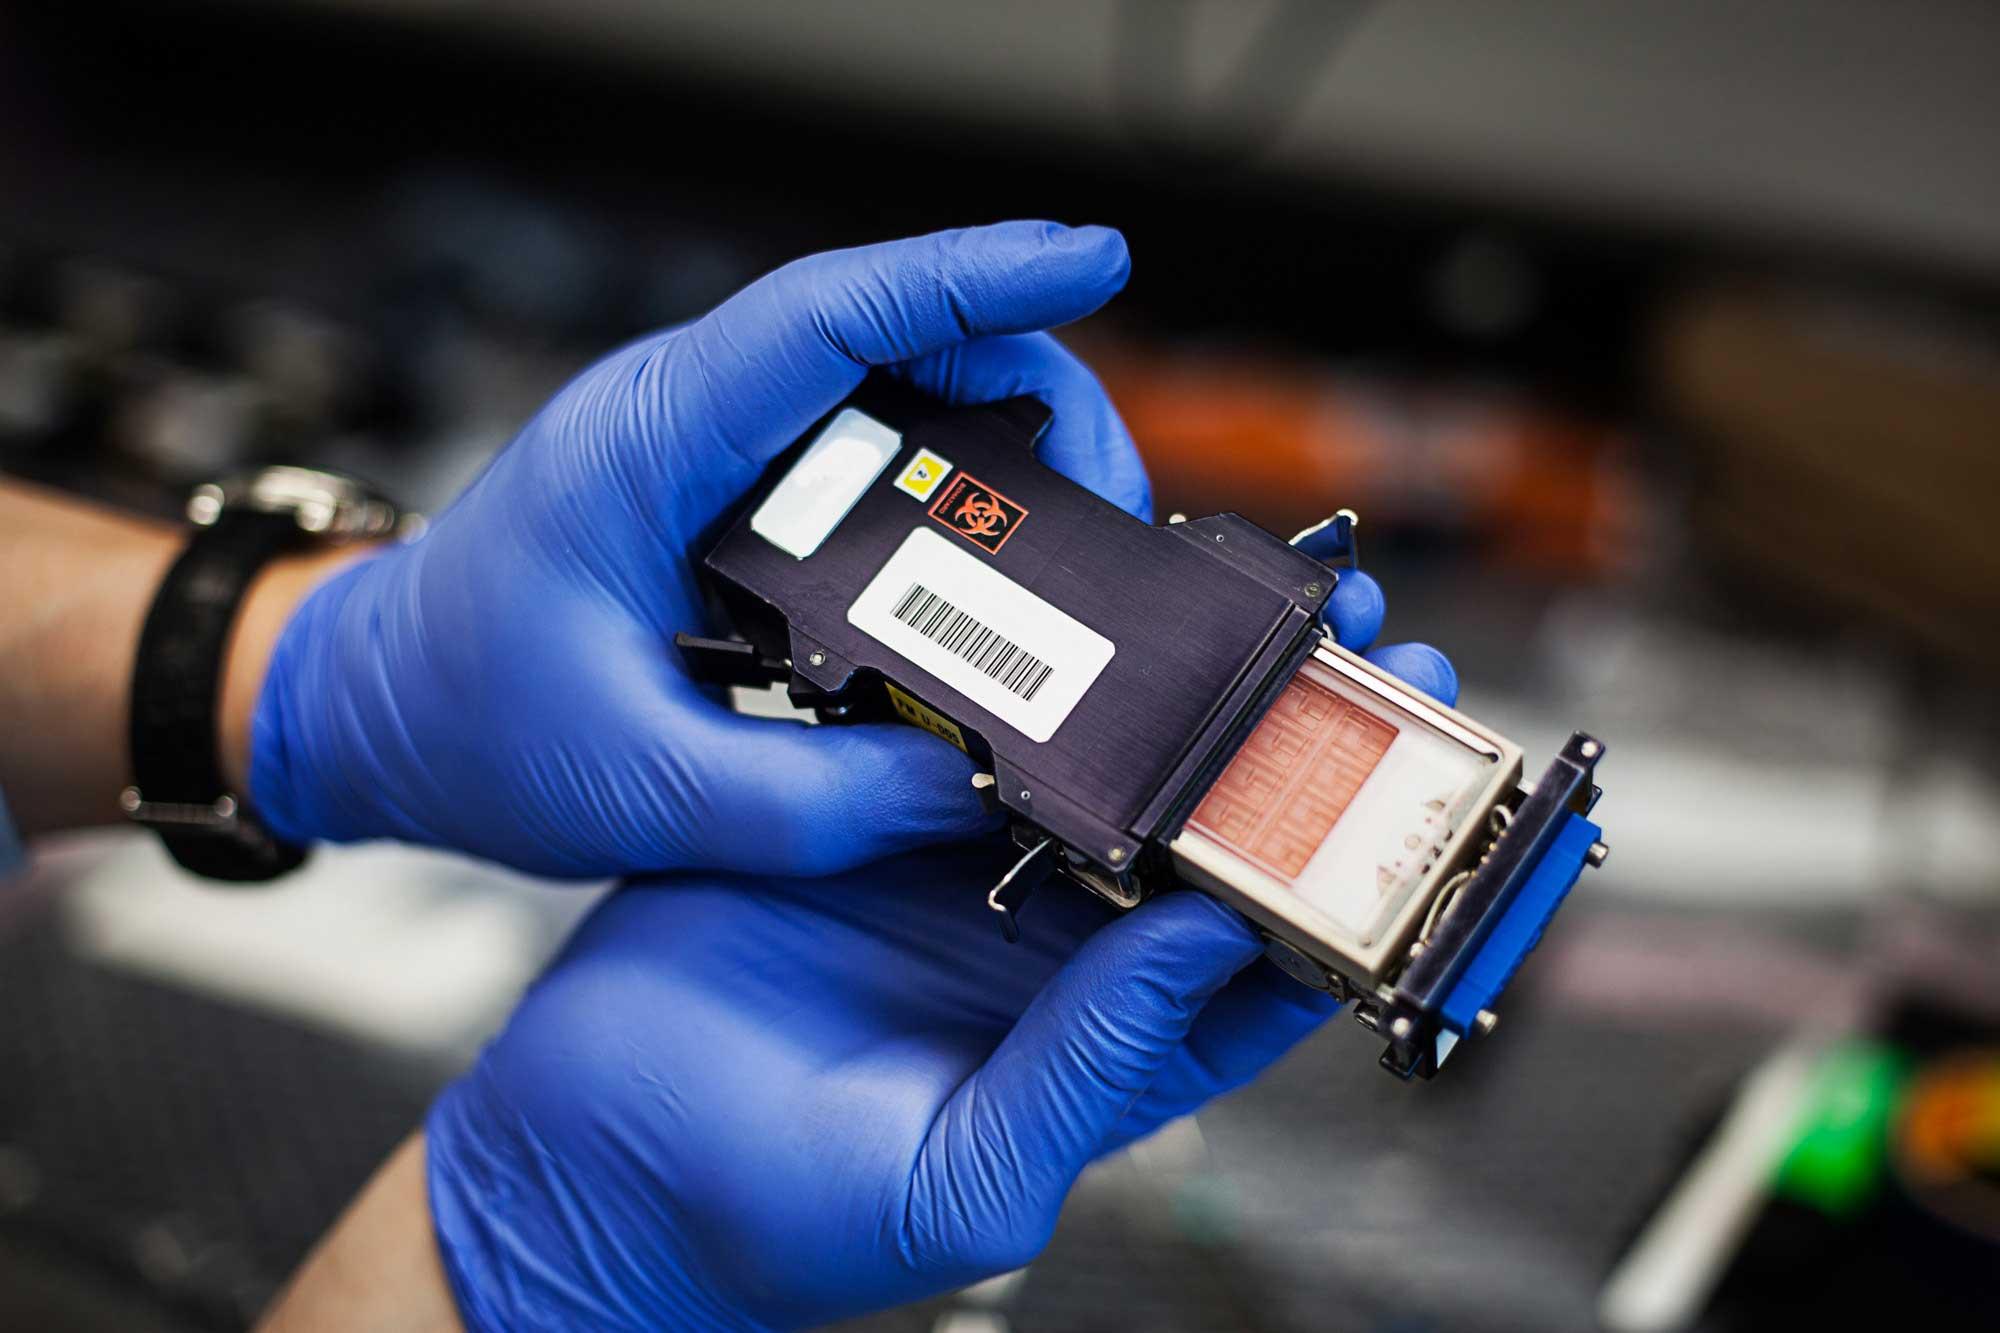 Experimentenkästchen yuri microgravity - Forschung in Schwerelosigkeit